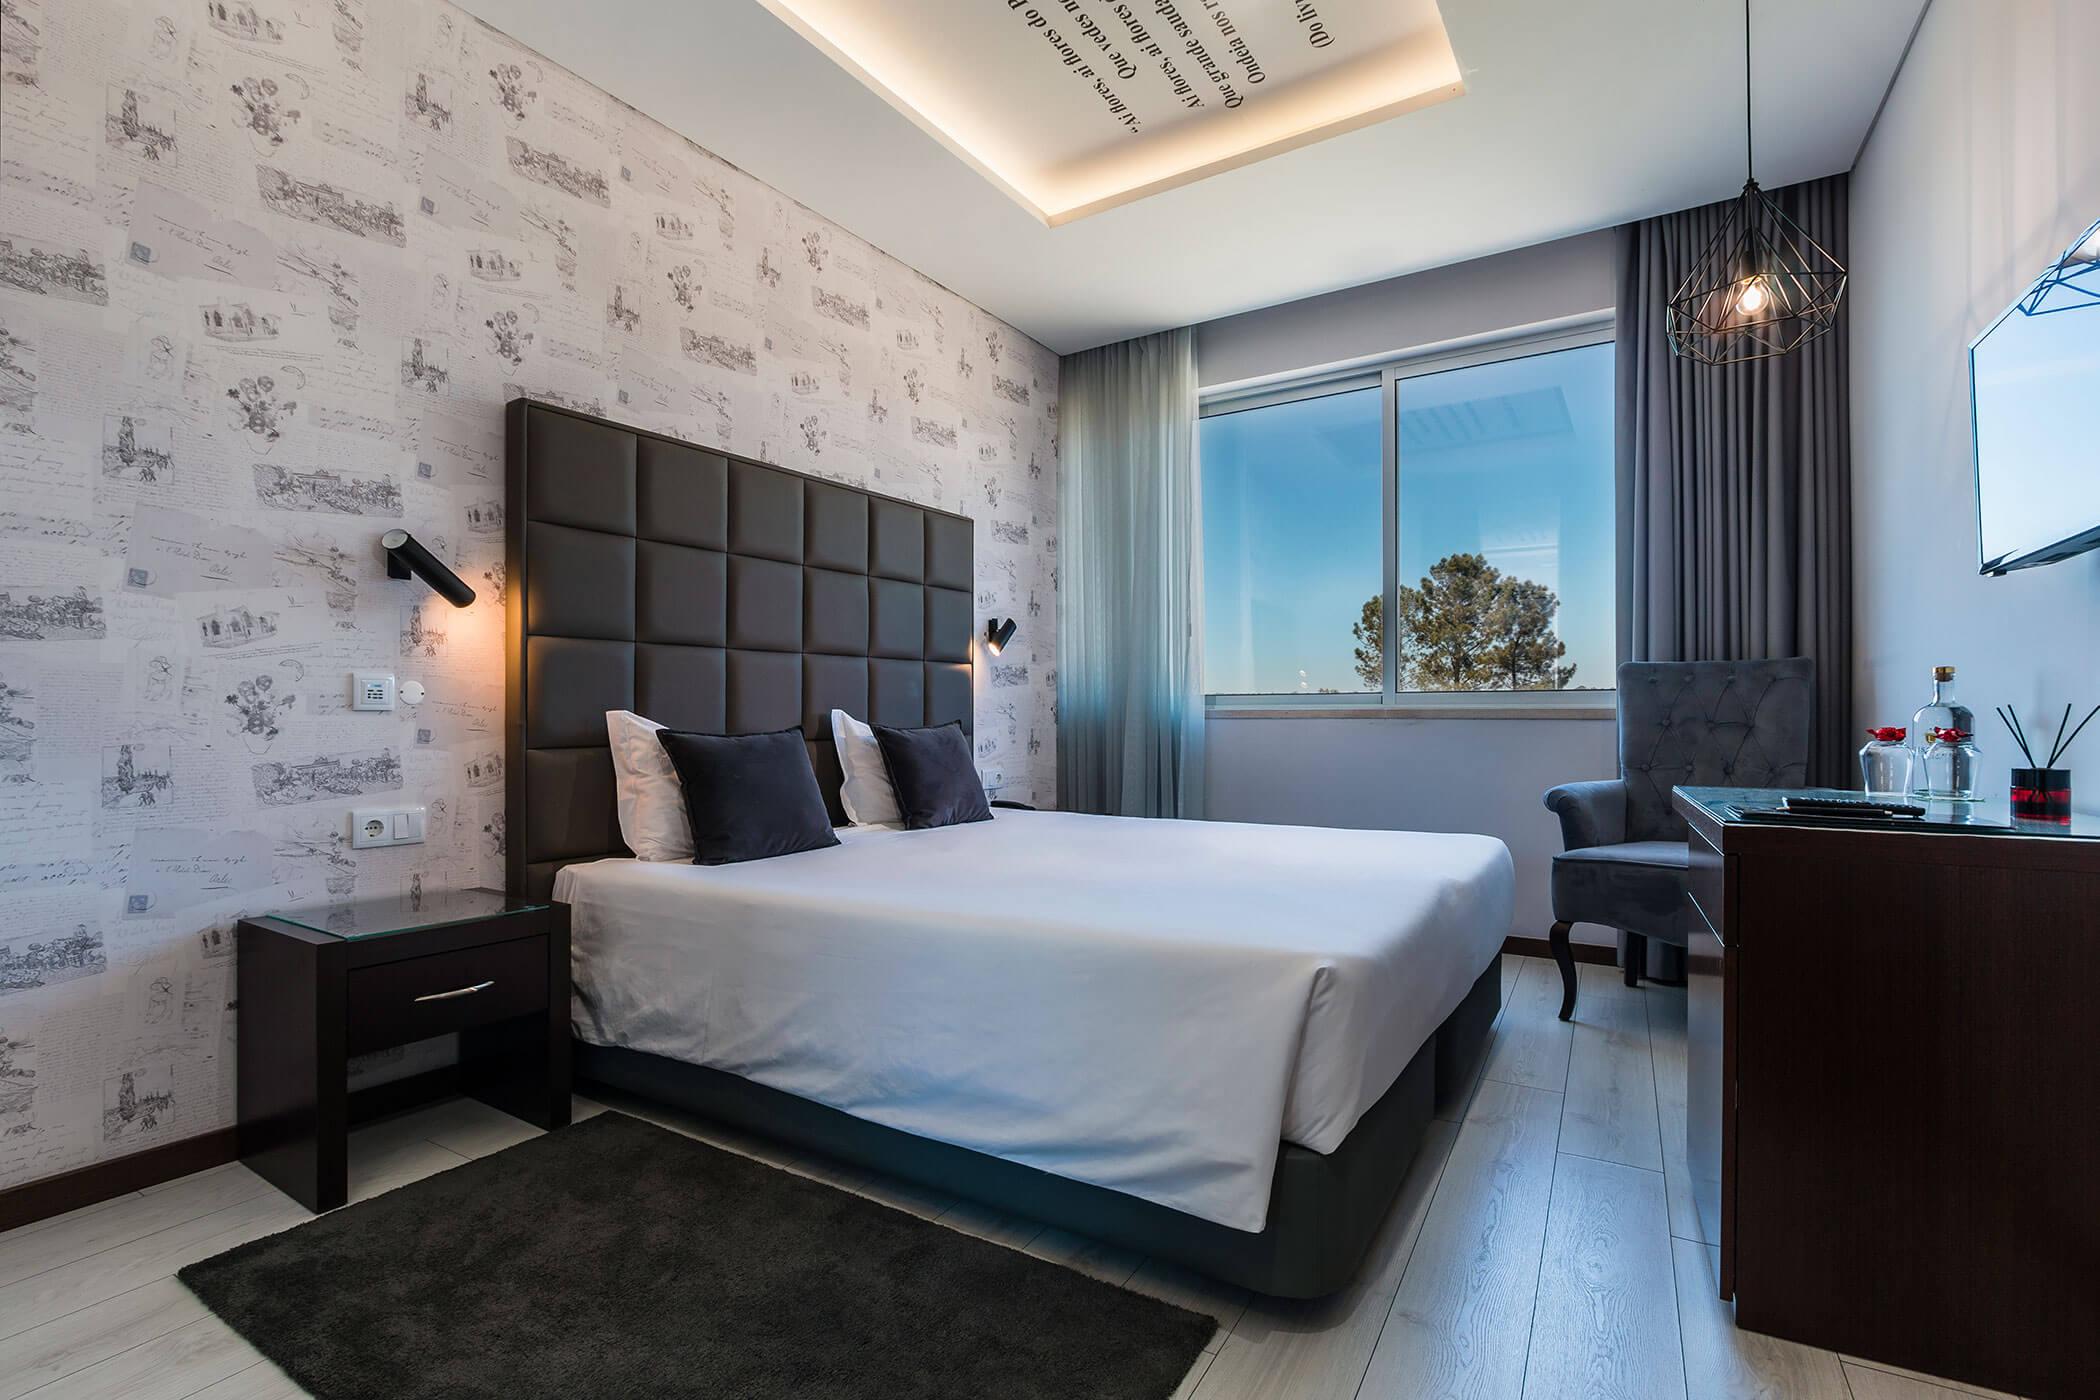 Standard Double/Twin Room Escritores de Leiria - Lisotel Hotel & Spa, Leiria